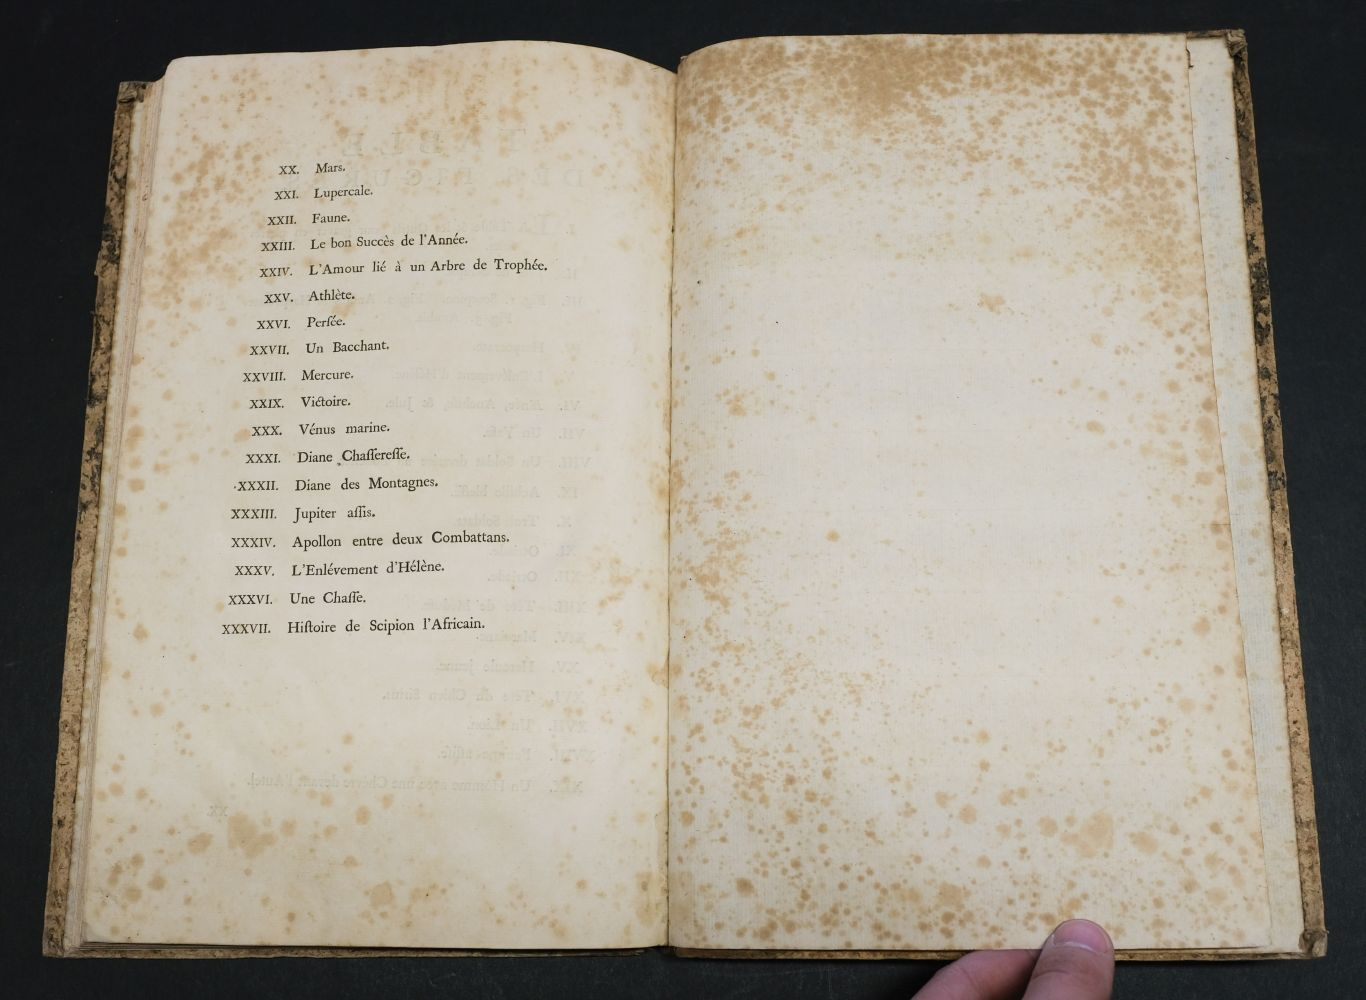 Natter (Johann Lorenz). Traite de la Methode Antique, 1754 - Image 7 of 7